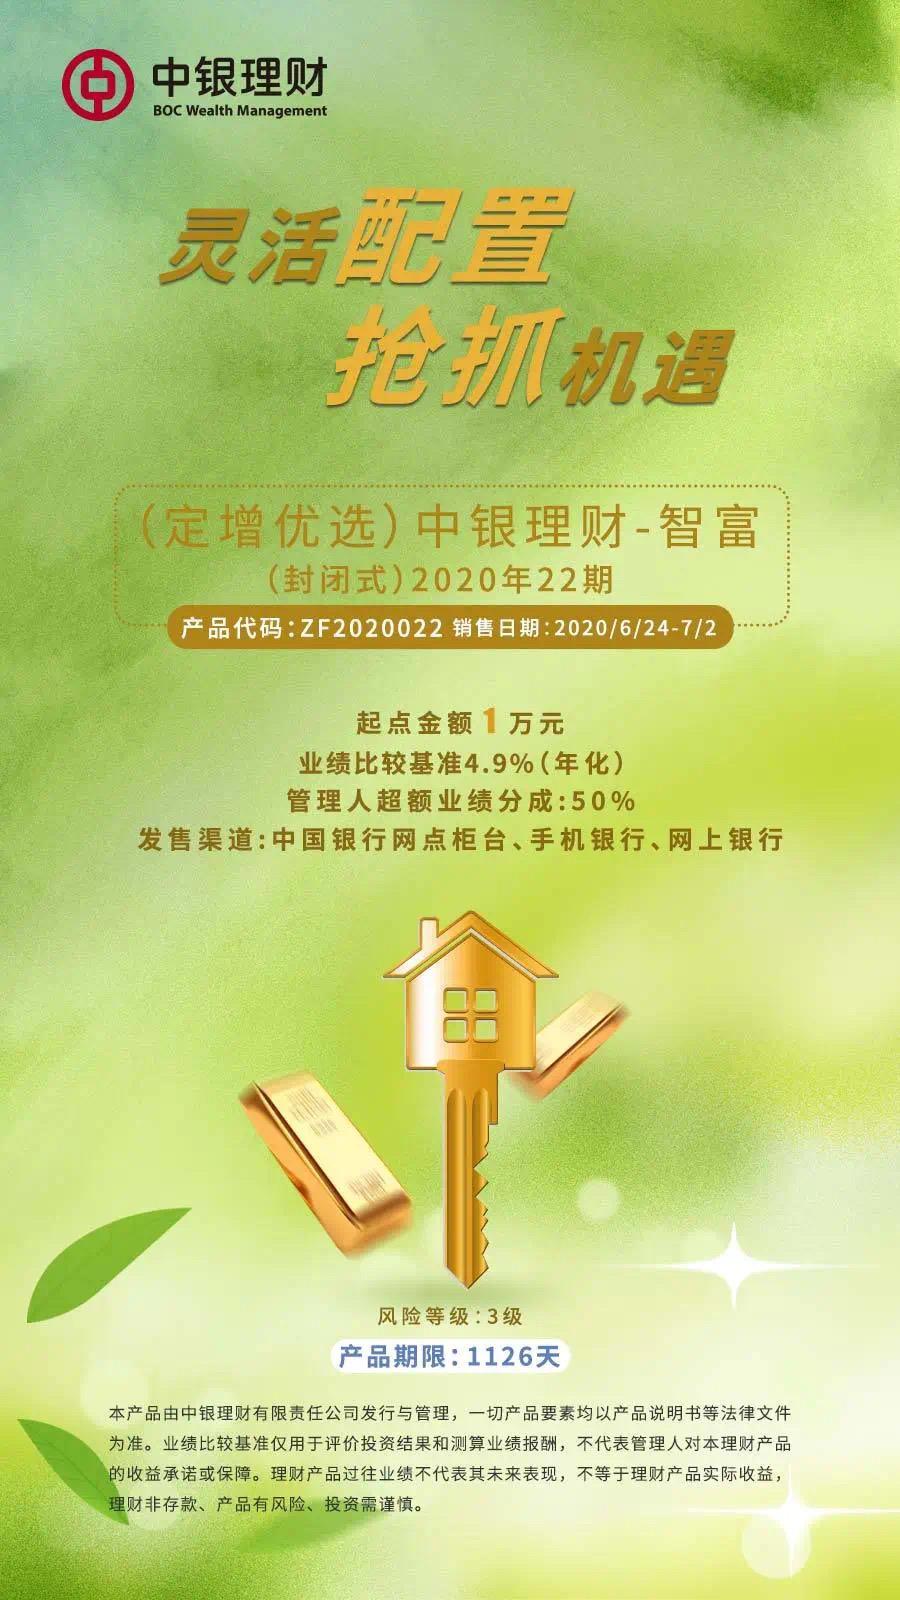 """散户也能像刘益谦一样玩定增!投资""""利器""""浮现_理财产品成参与定增通道"""